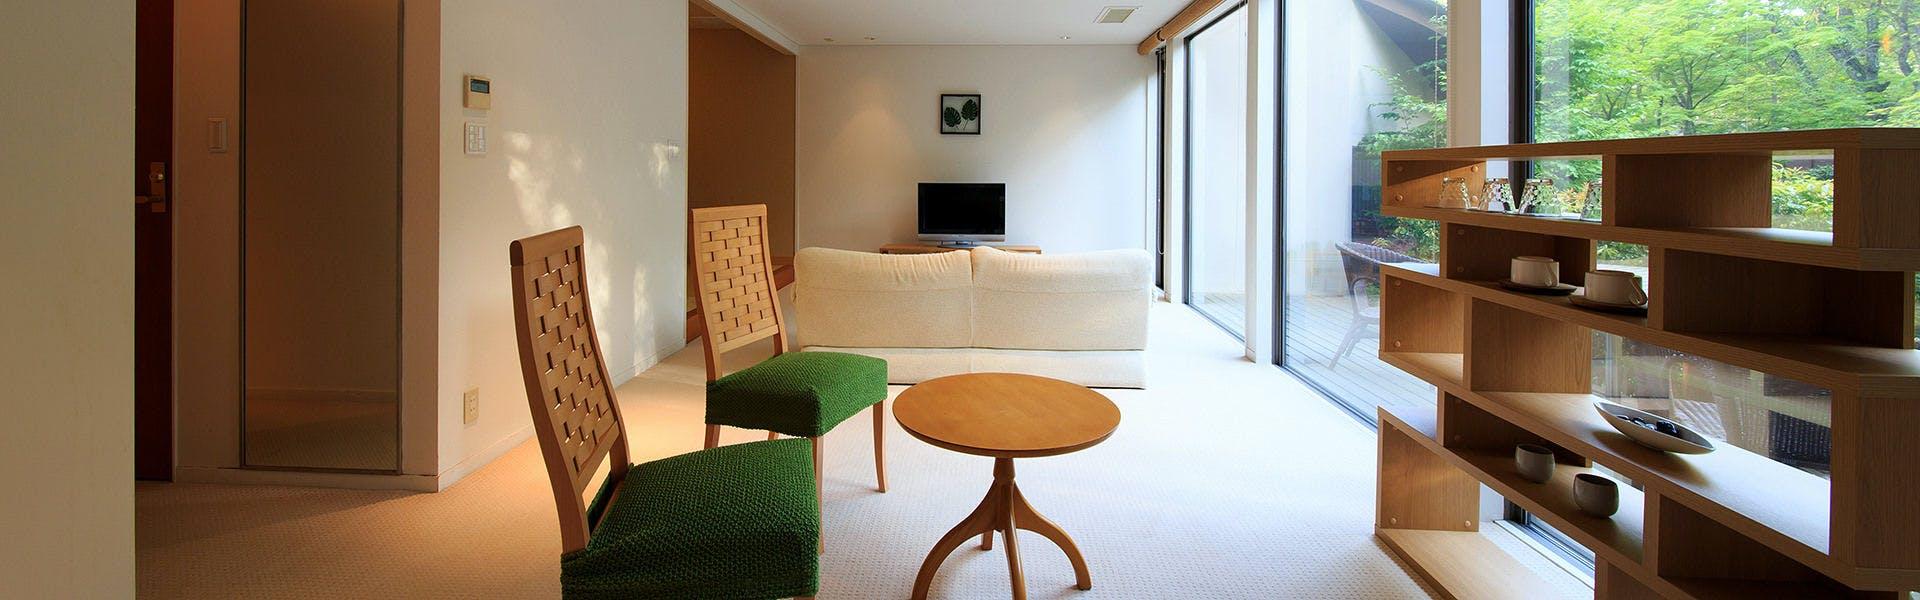 記念日におすすめのホテル・那須ノ宿 縁の写真3